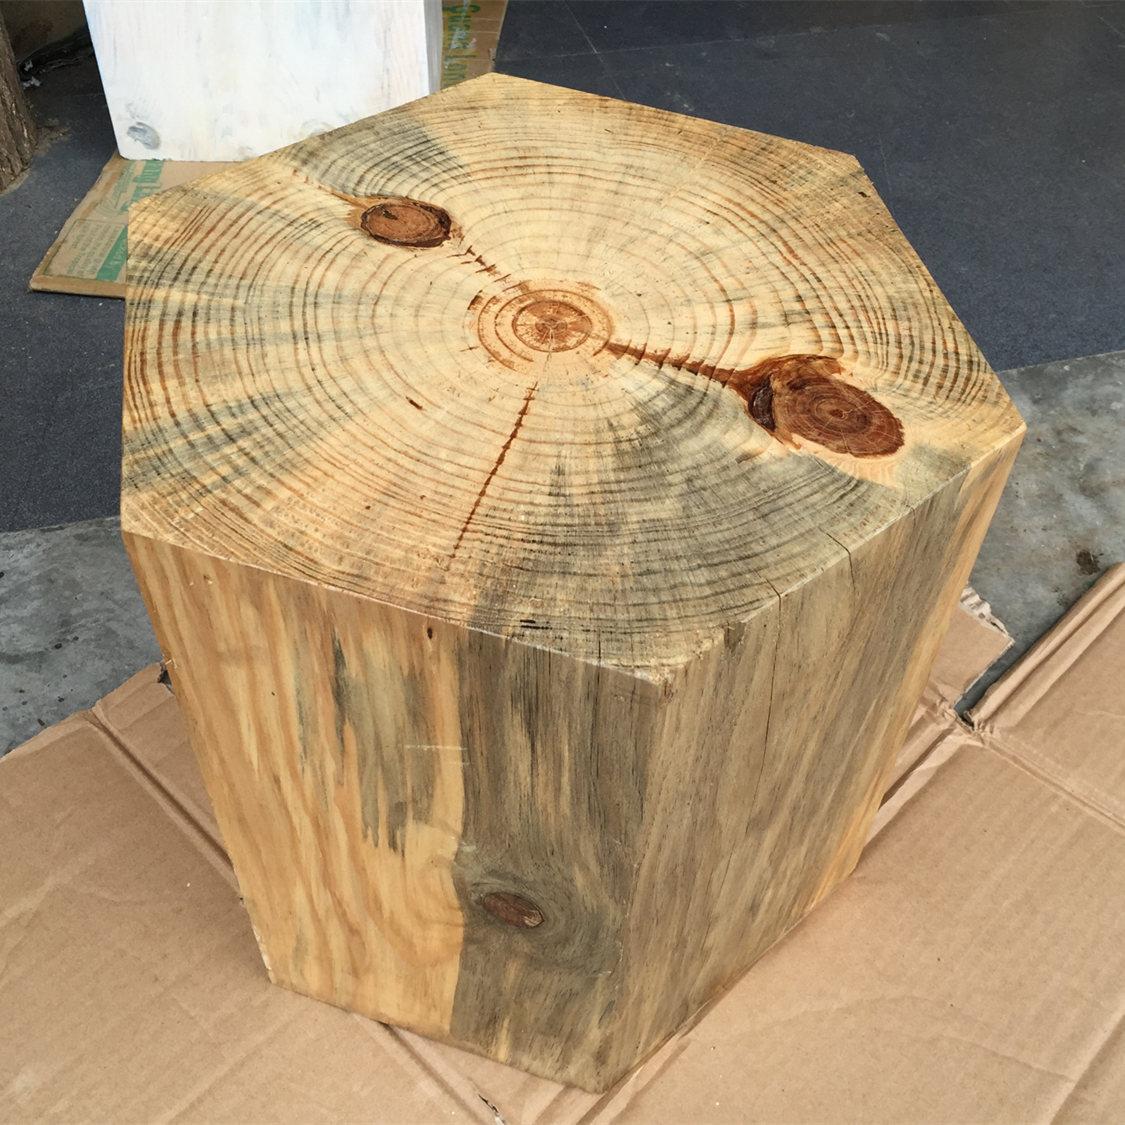 Gỗ cây trụ hoa đứng Cây gỗ tự nhiên - Các món ăn khao khát gốc